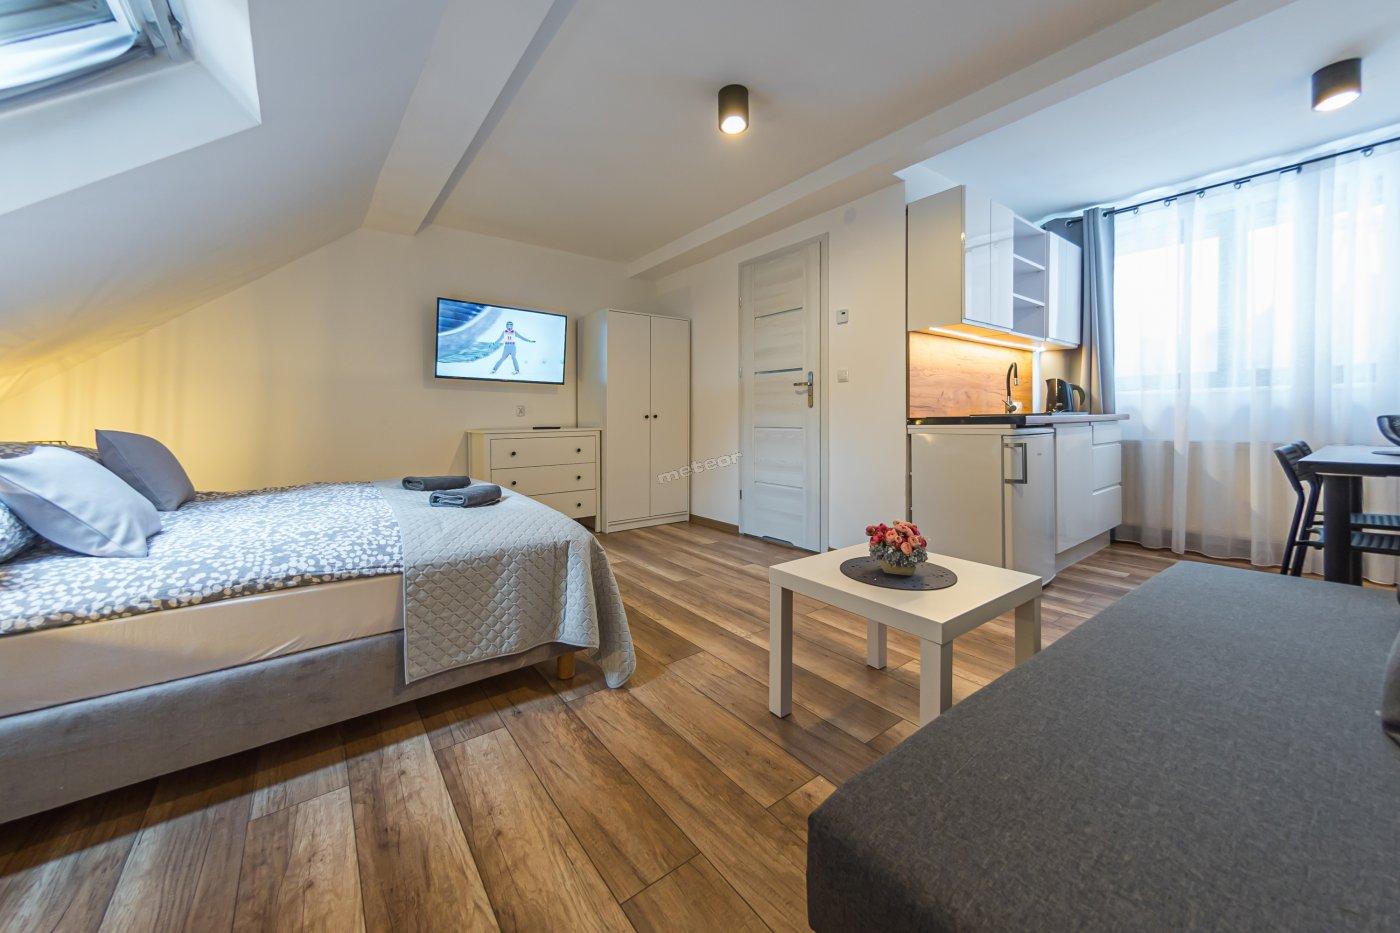 apartament 3 osobowy 1 pokojowy